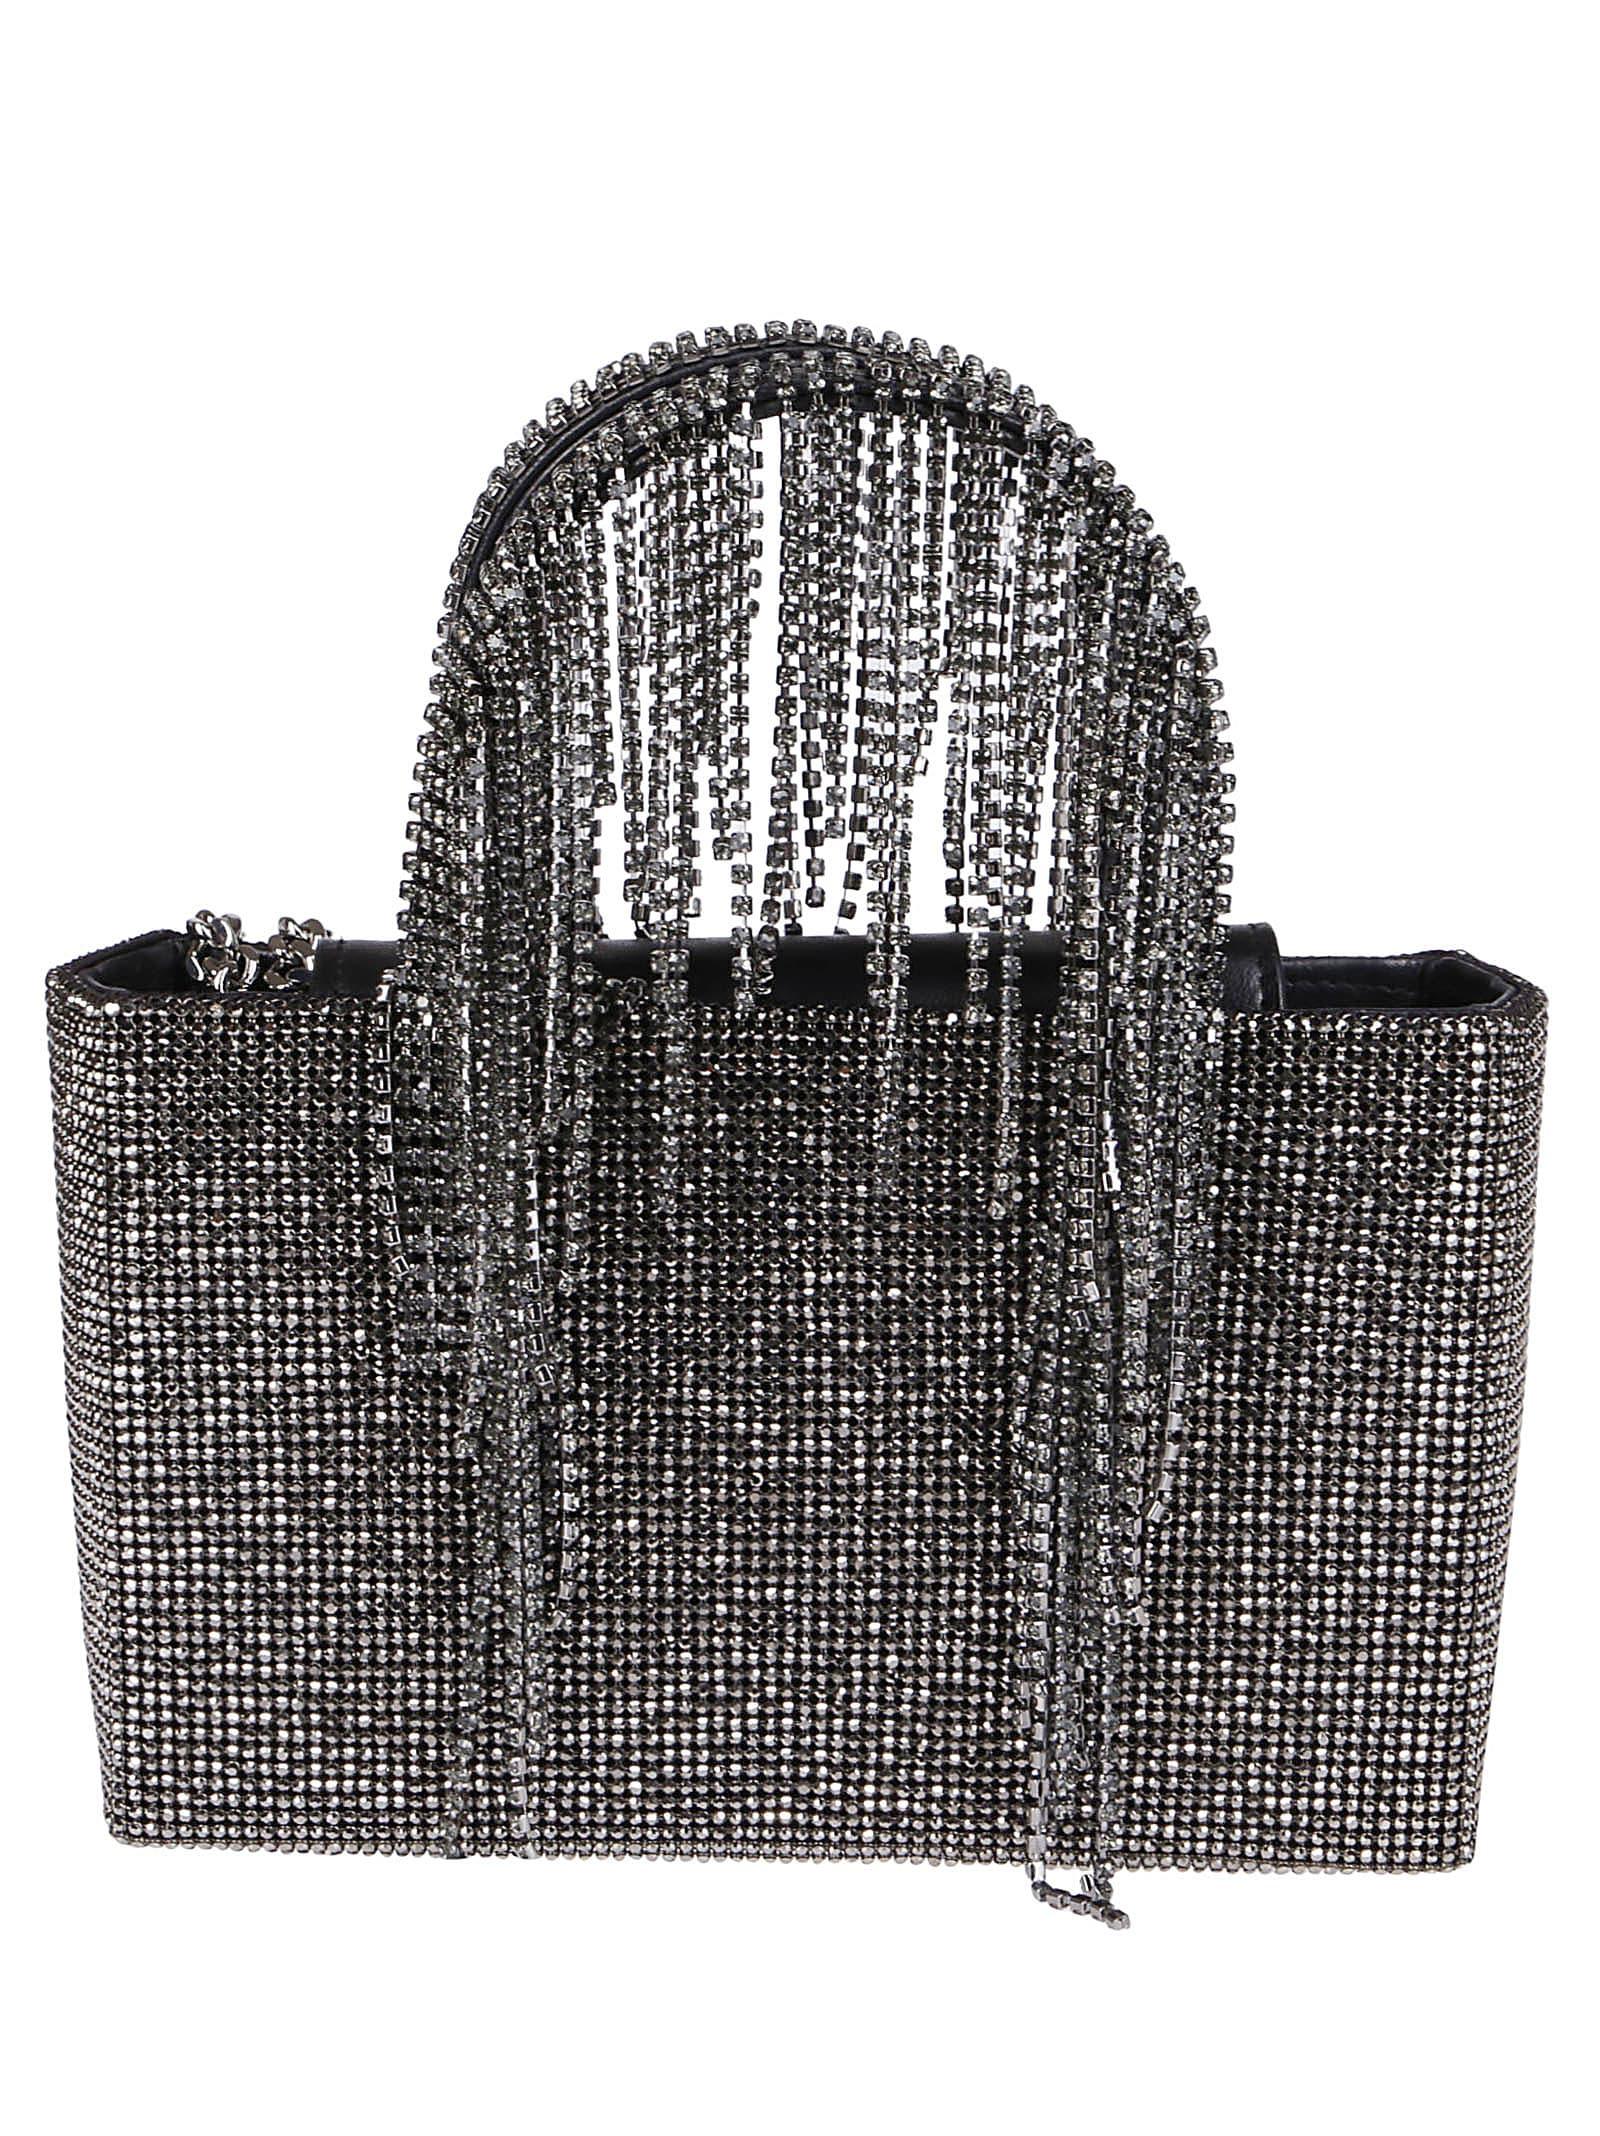 Black Crystal Fringe Tote Bag